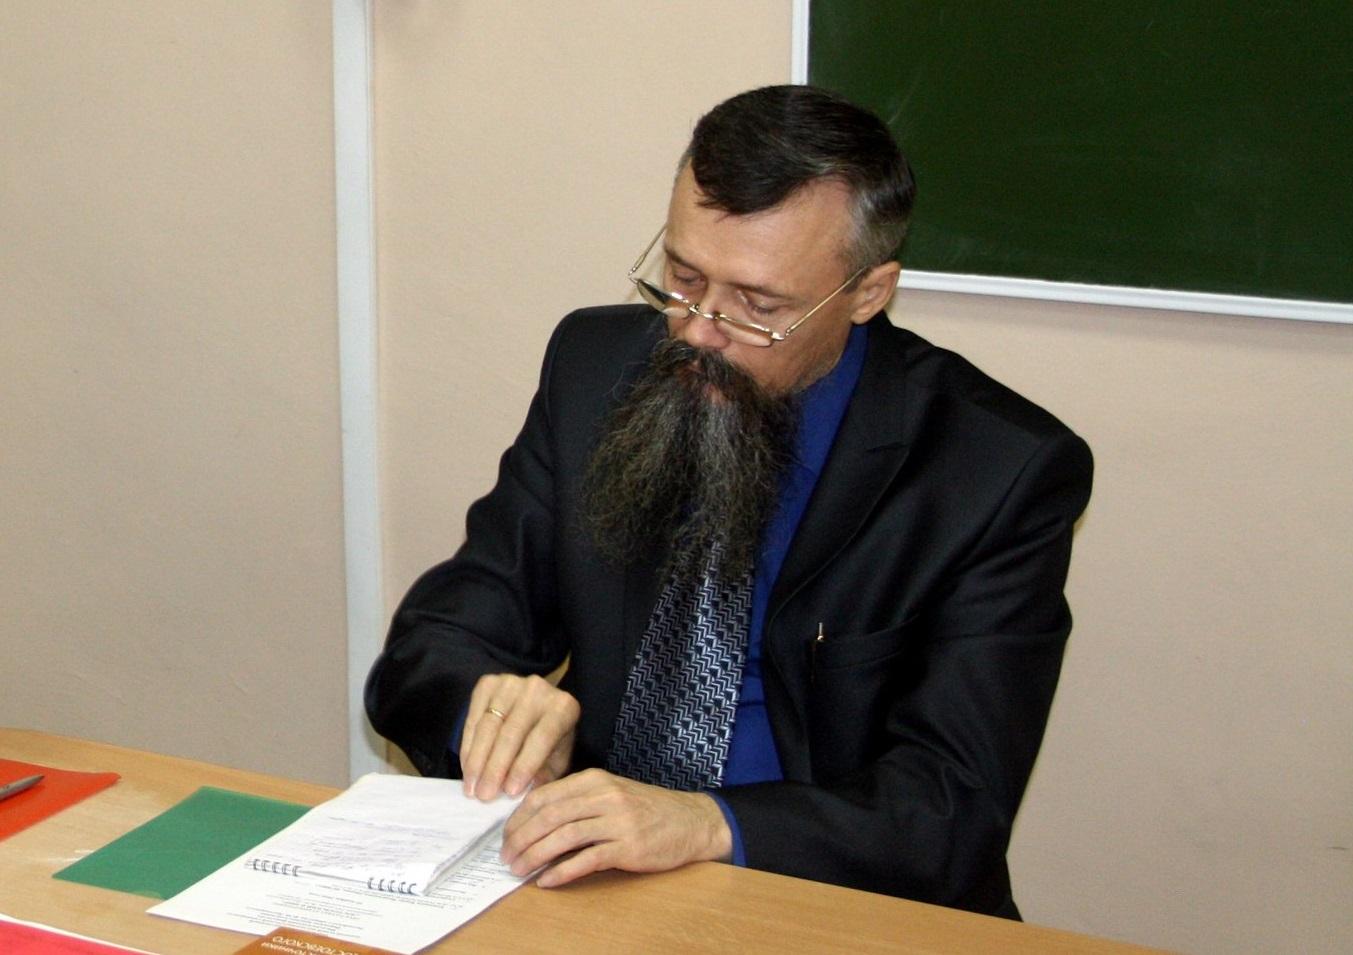 Профессора, не прервавшего лекцию во время стрельбы, предлагают наградить